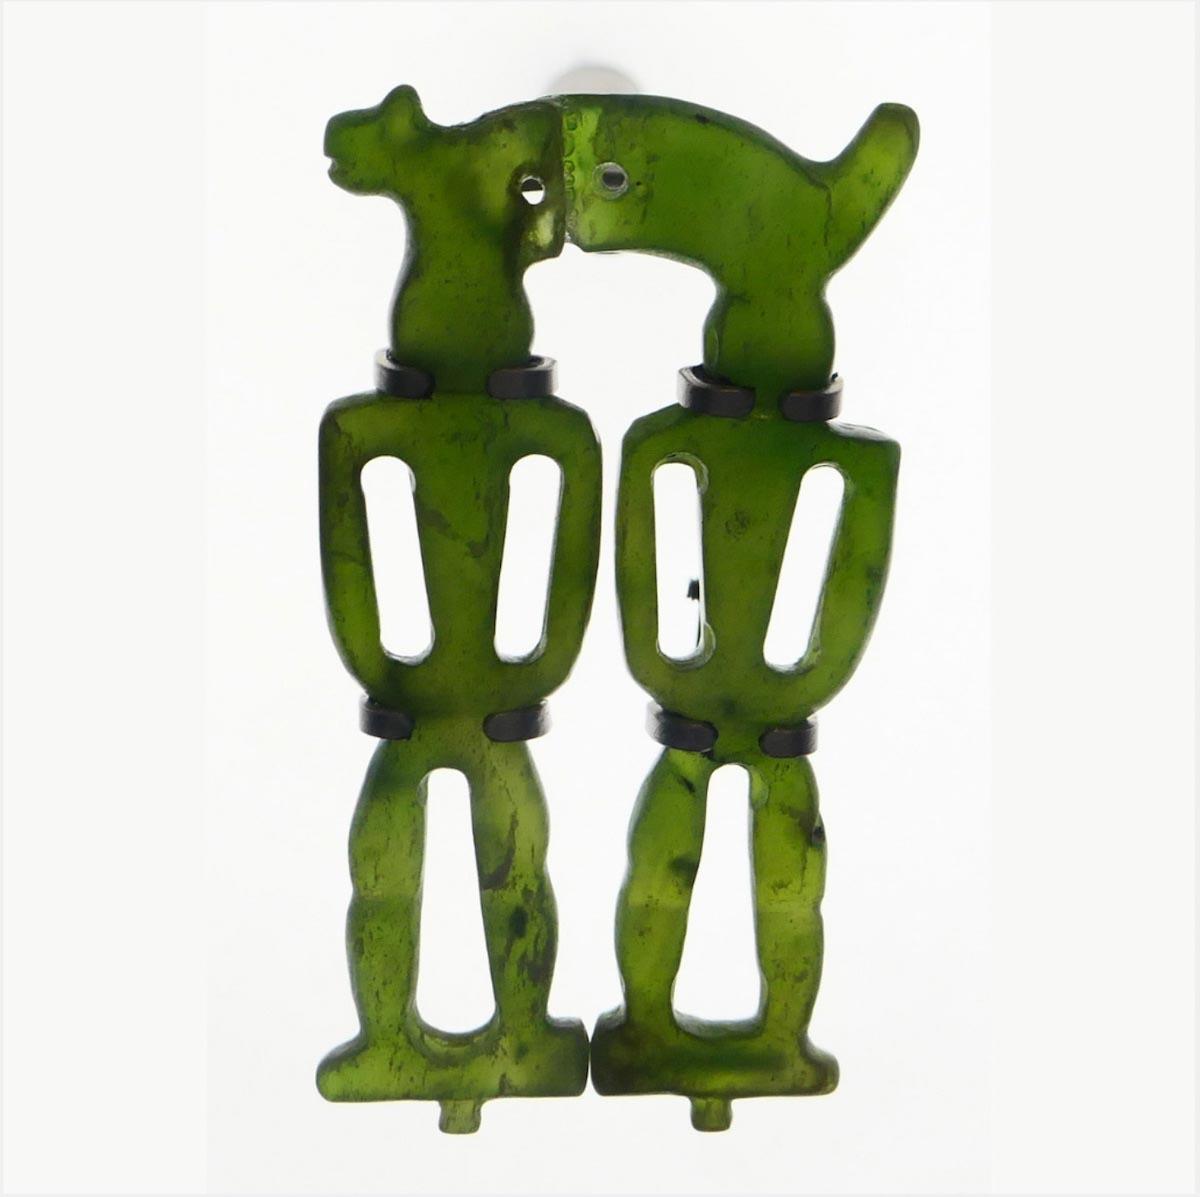 人獸型玉玦造型特殊,顯示當時工藝技術已成熟